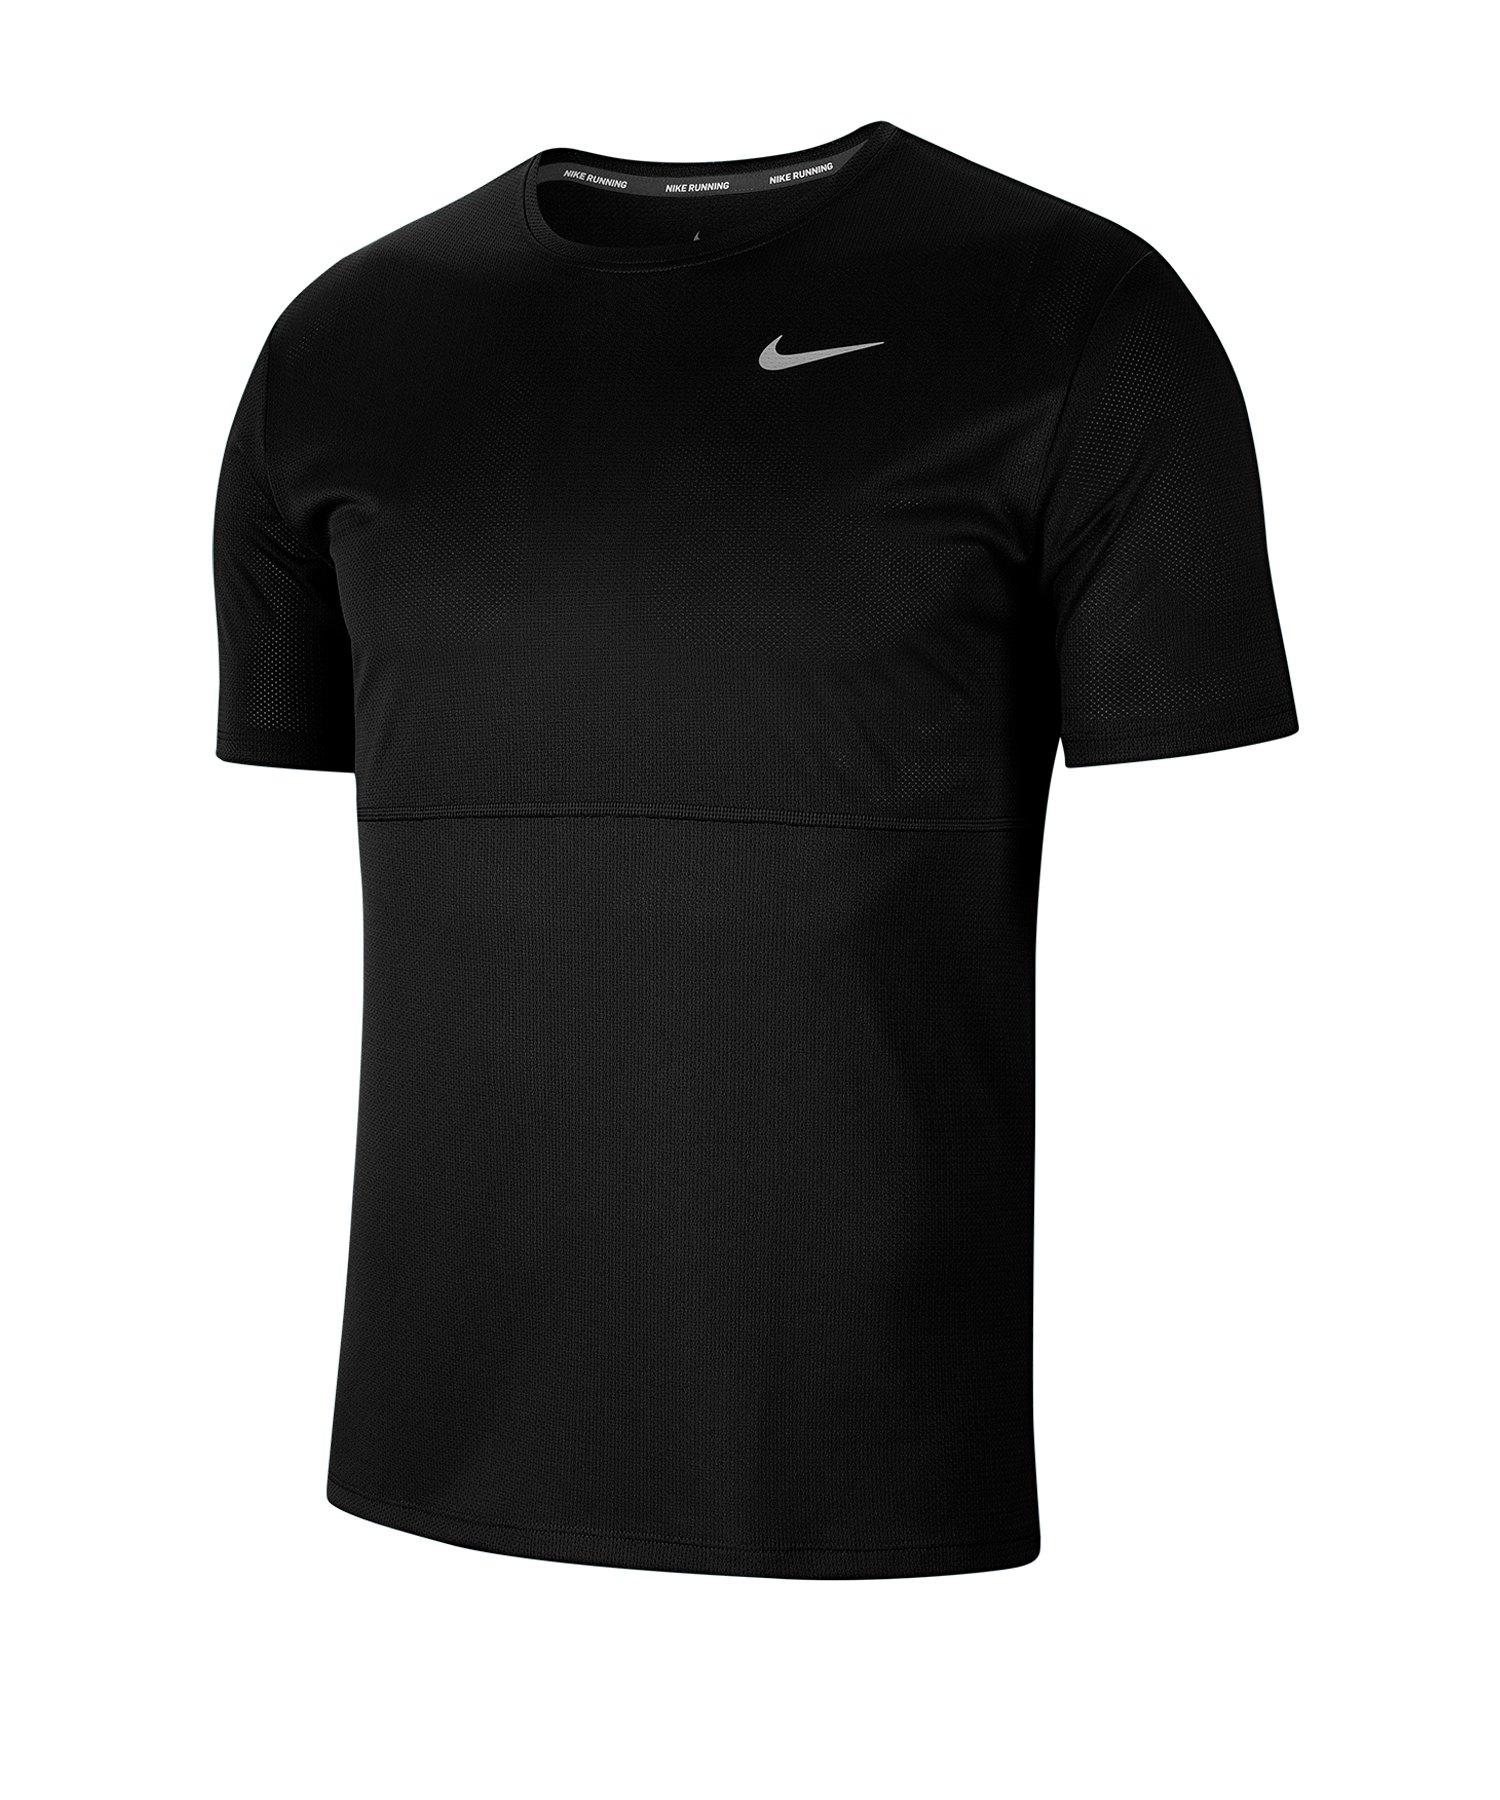 Nike Breathe T-Shirt Running Schwarz F010 - schwarz